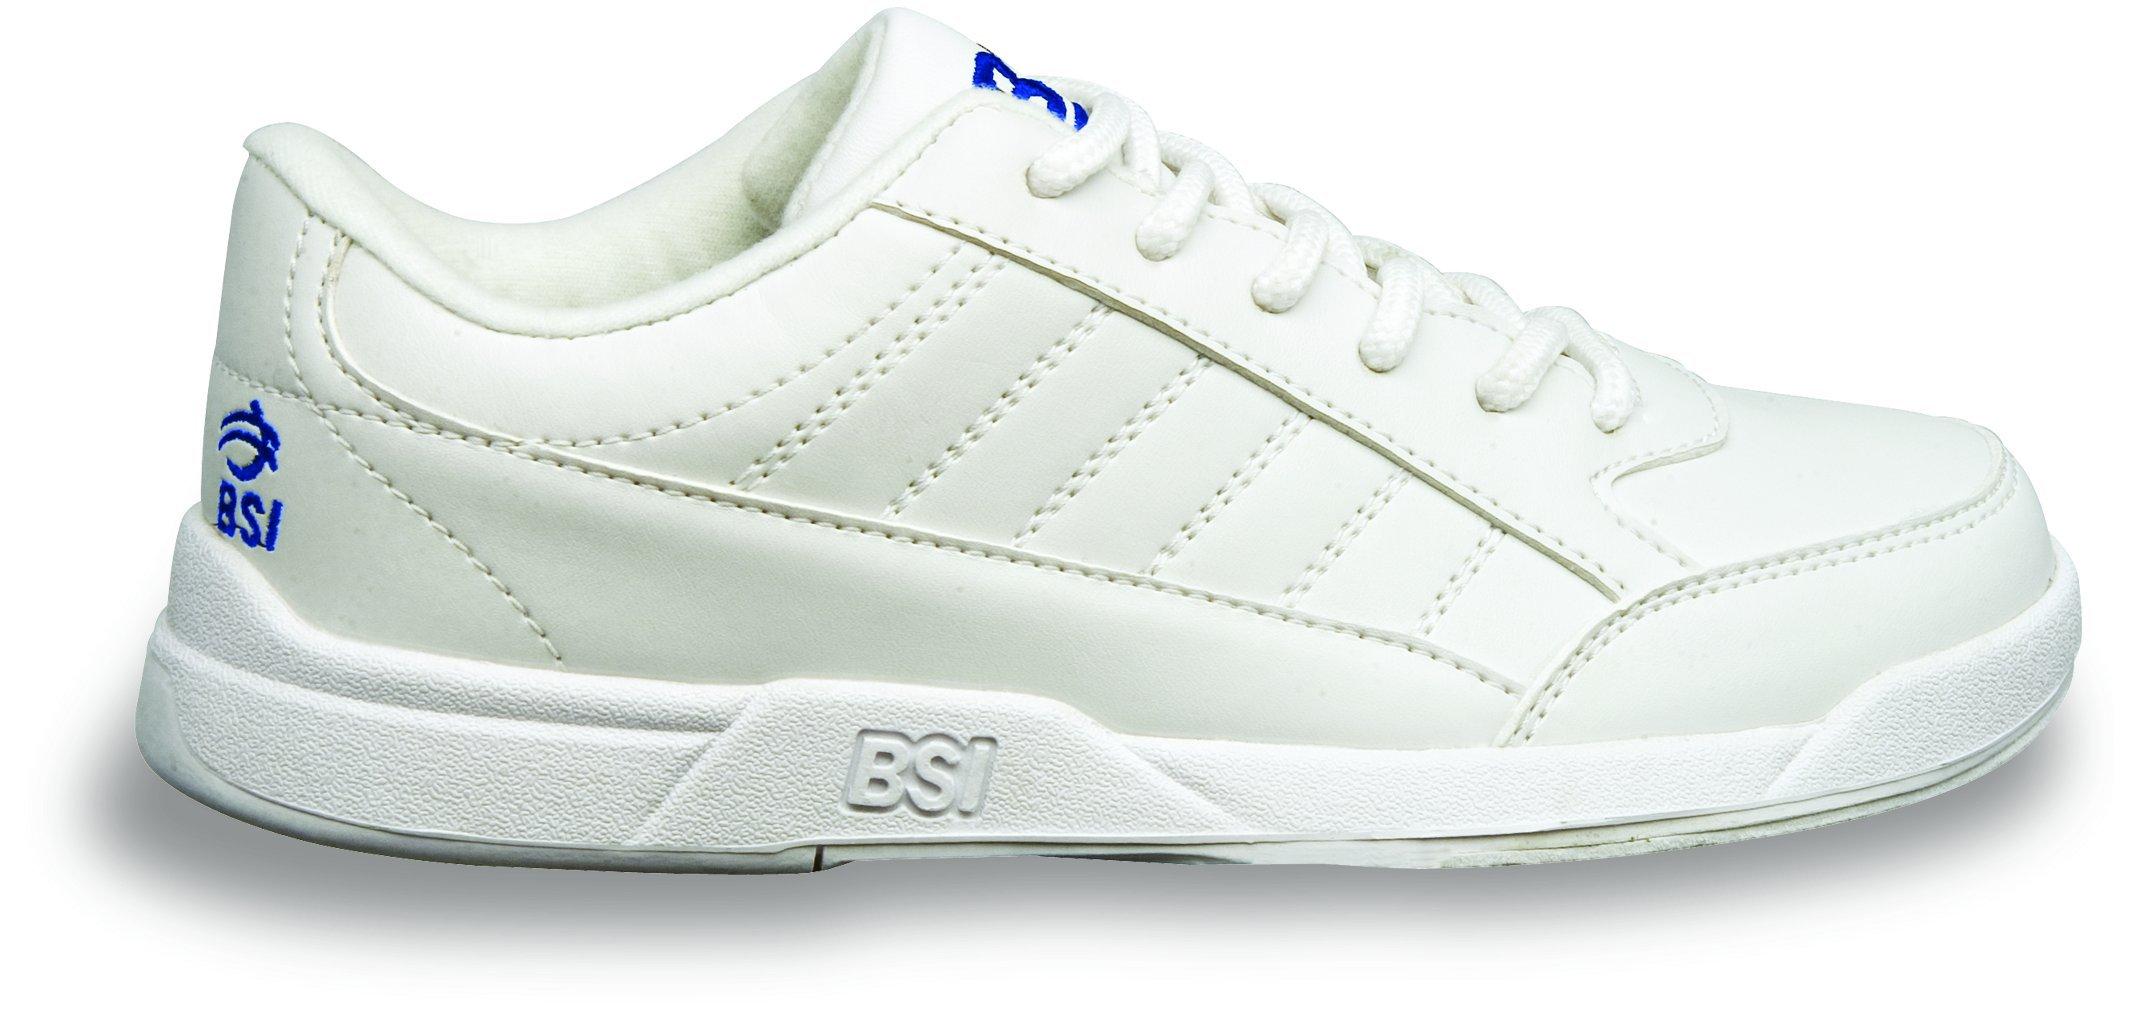 BSI Boy's Basic #532 Bowling Shoes, White, Size 4.0